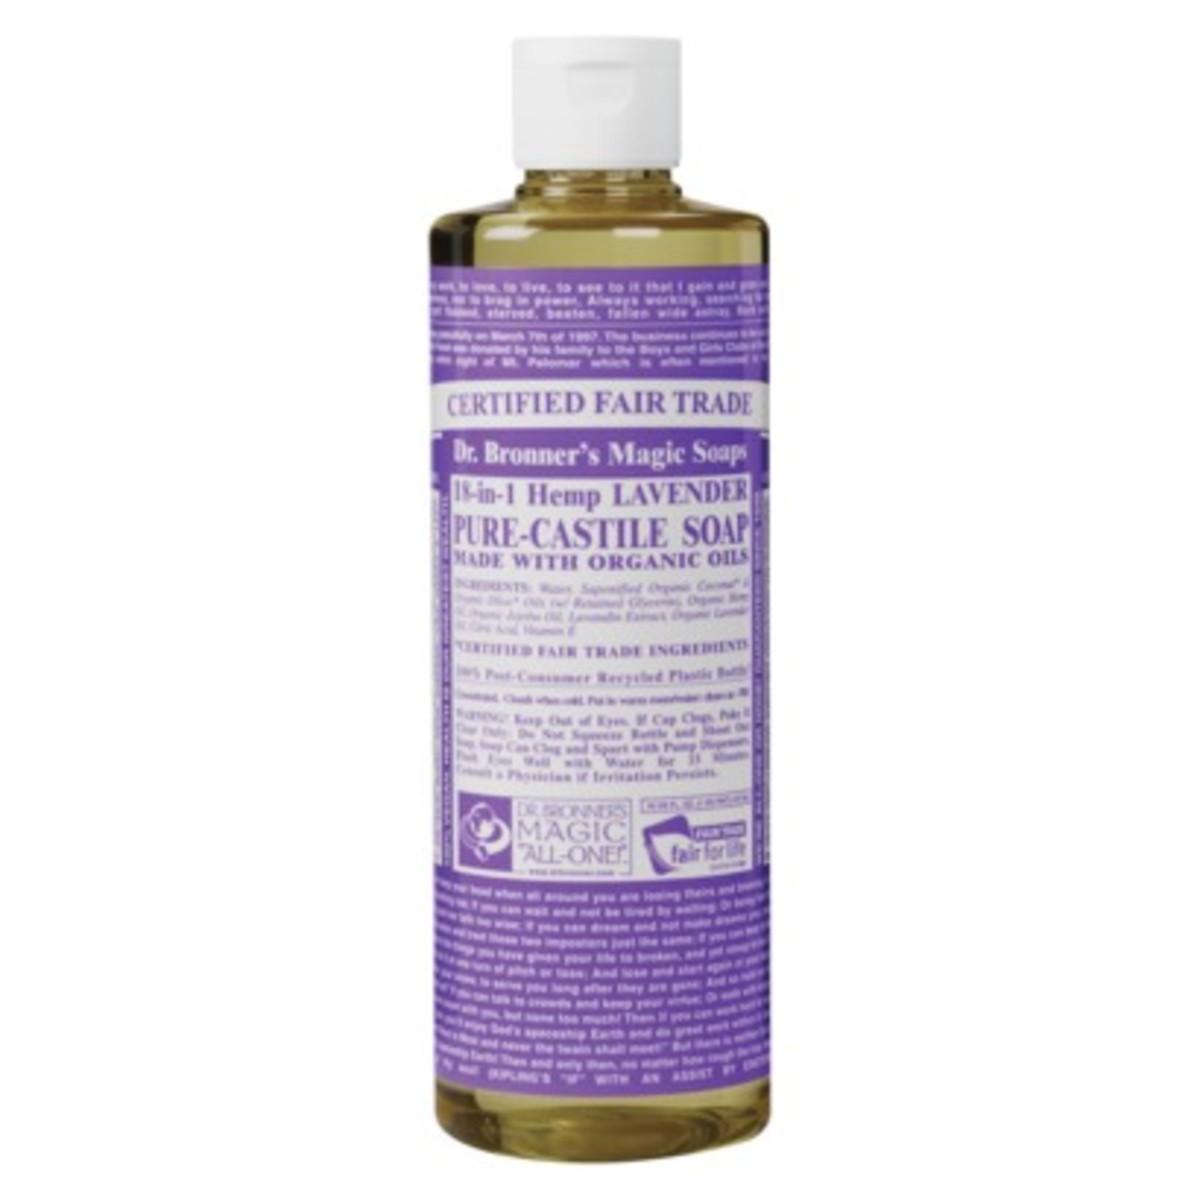 Organic soap in a bottle